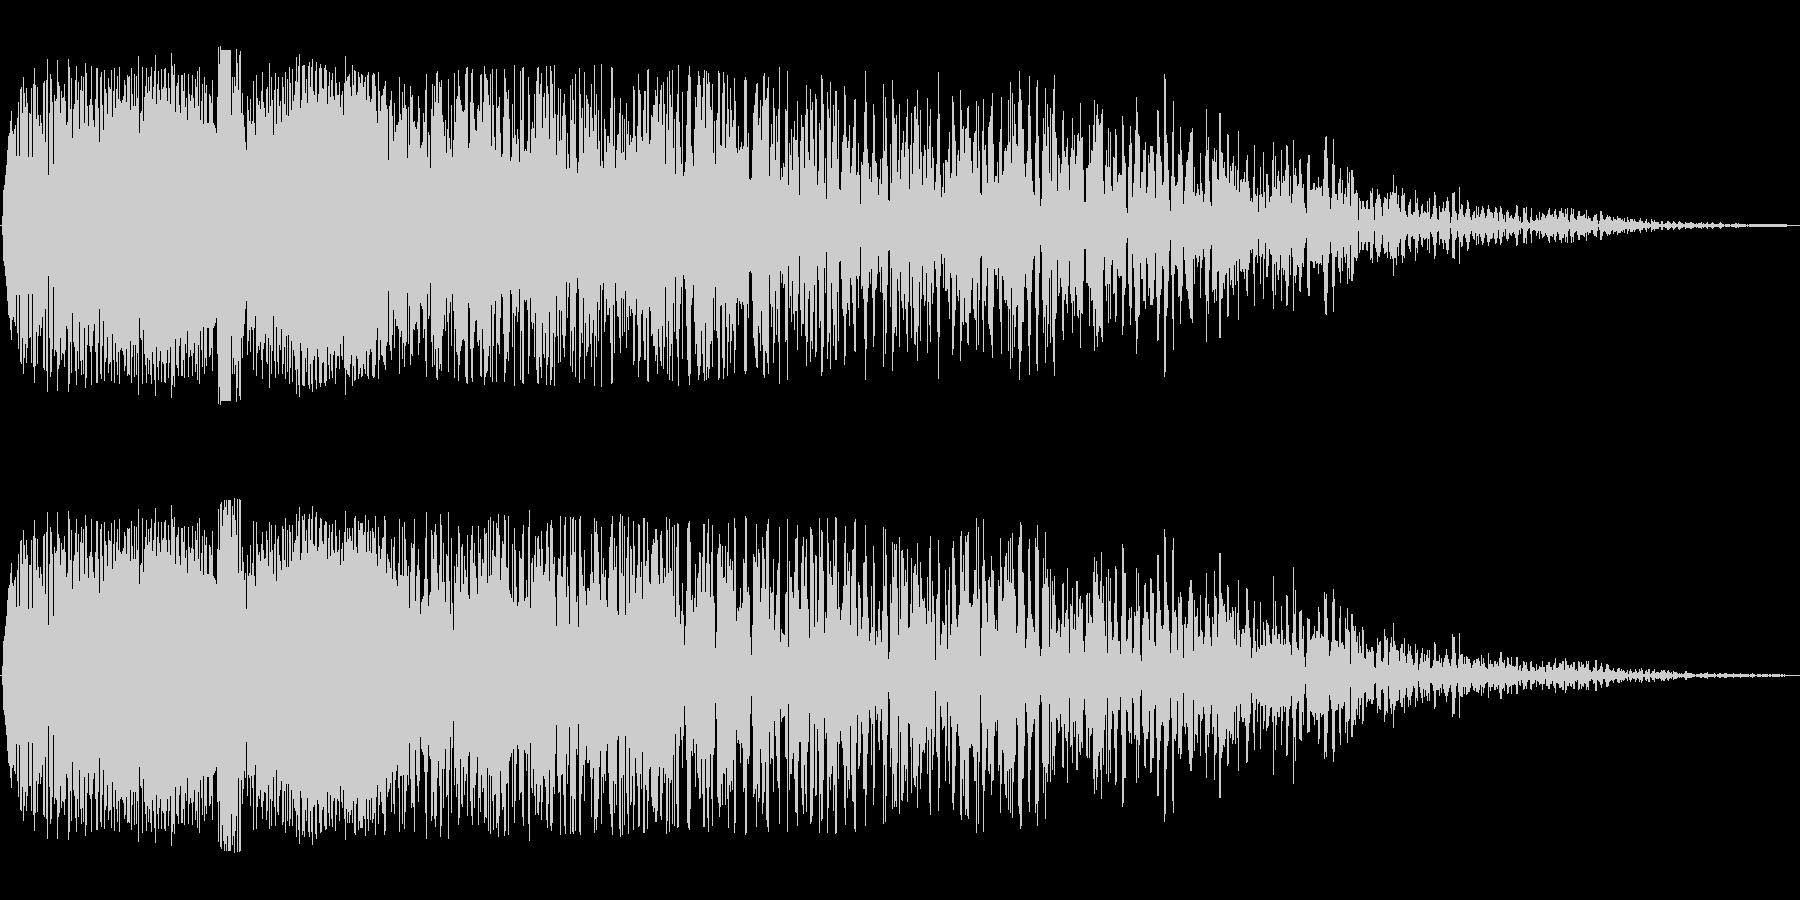 ワープ突入後に余韻がある効果音の未再生の波形